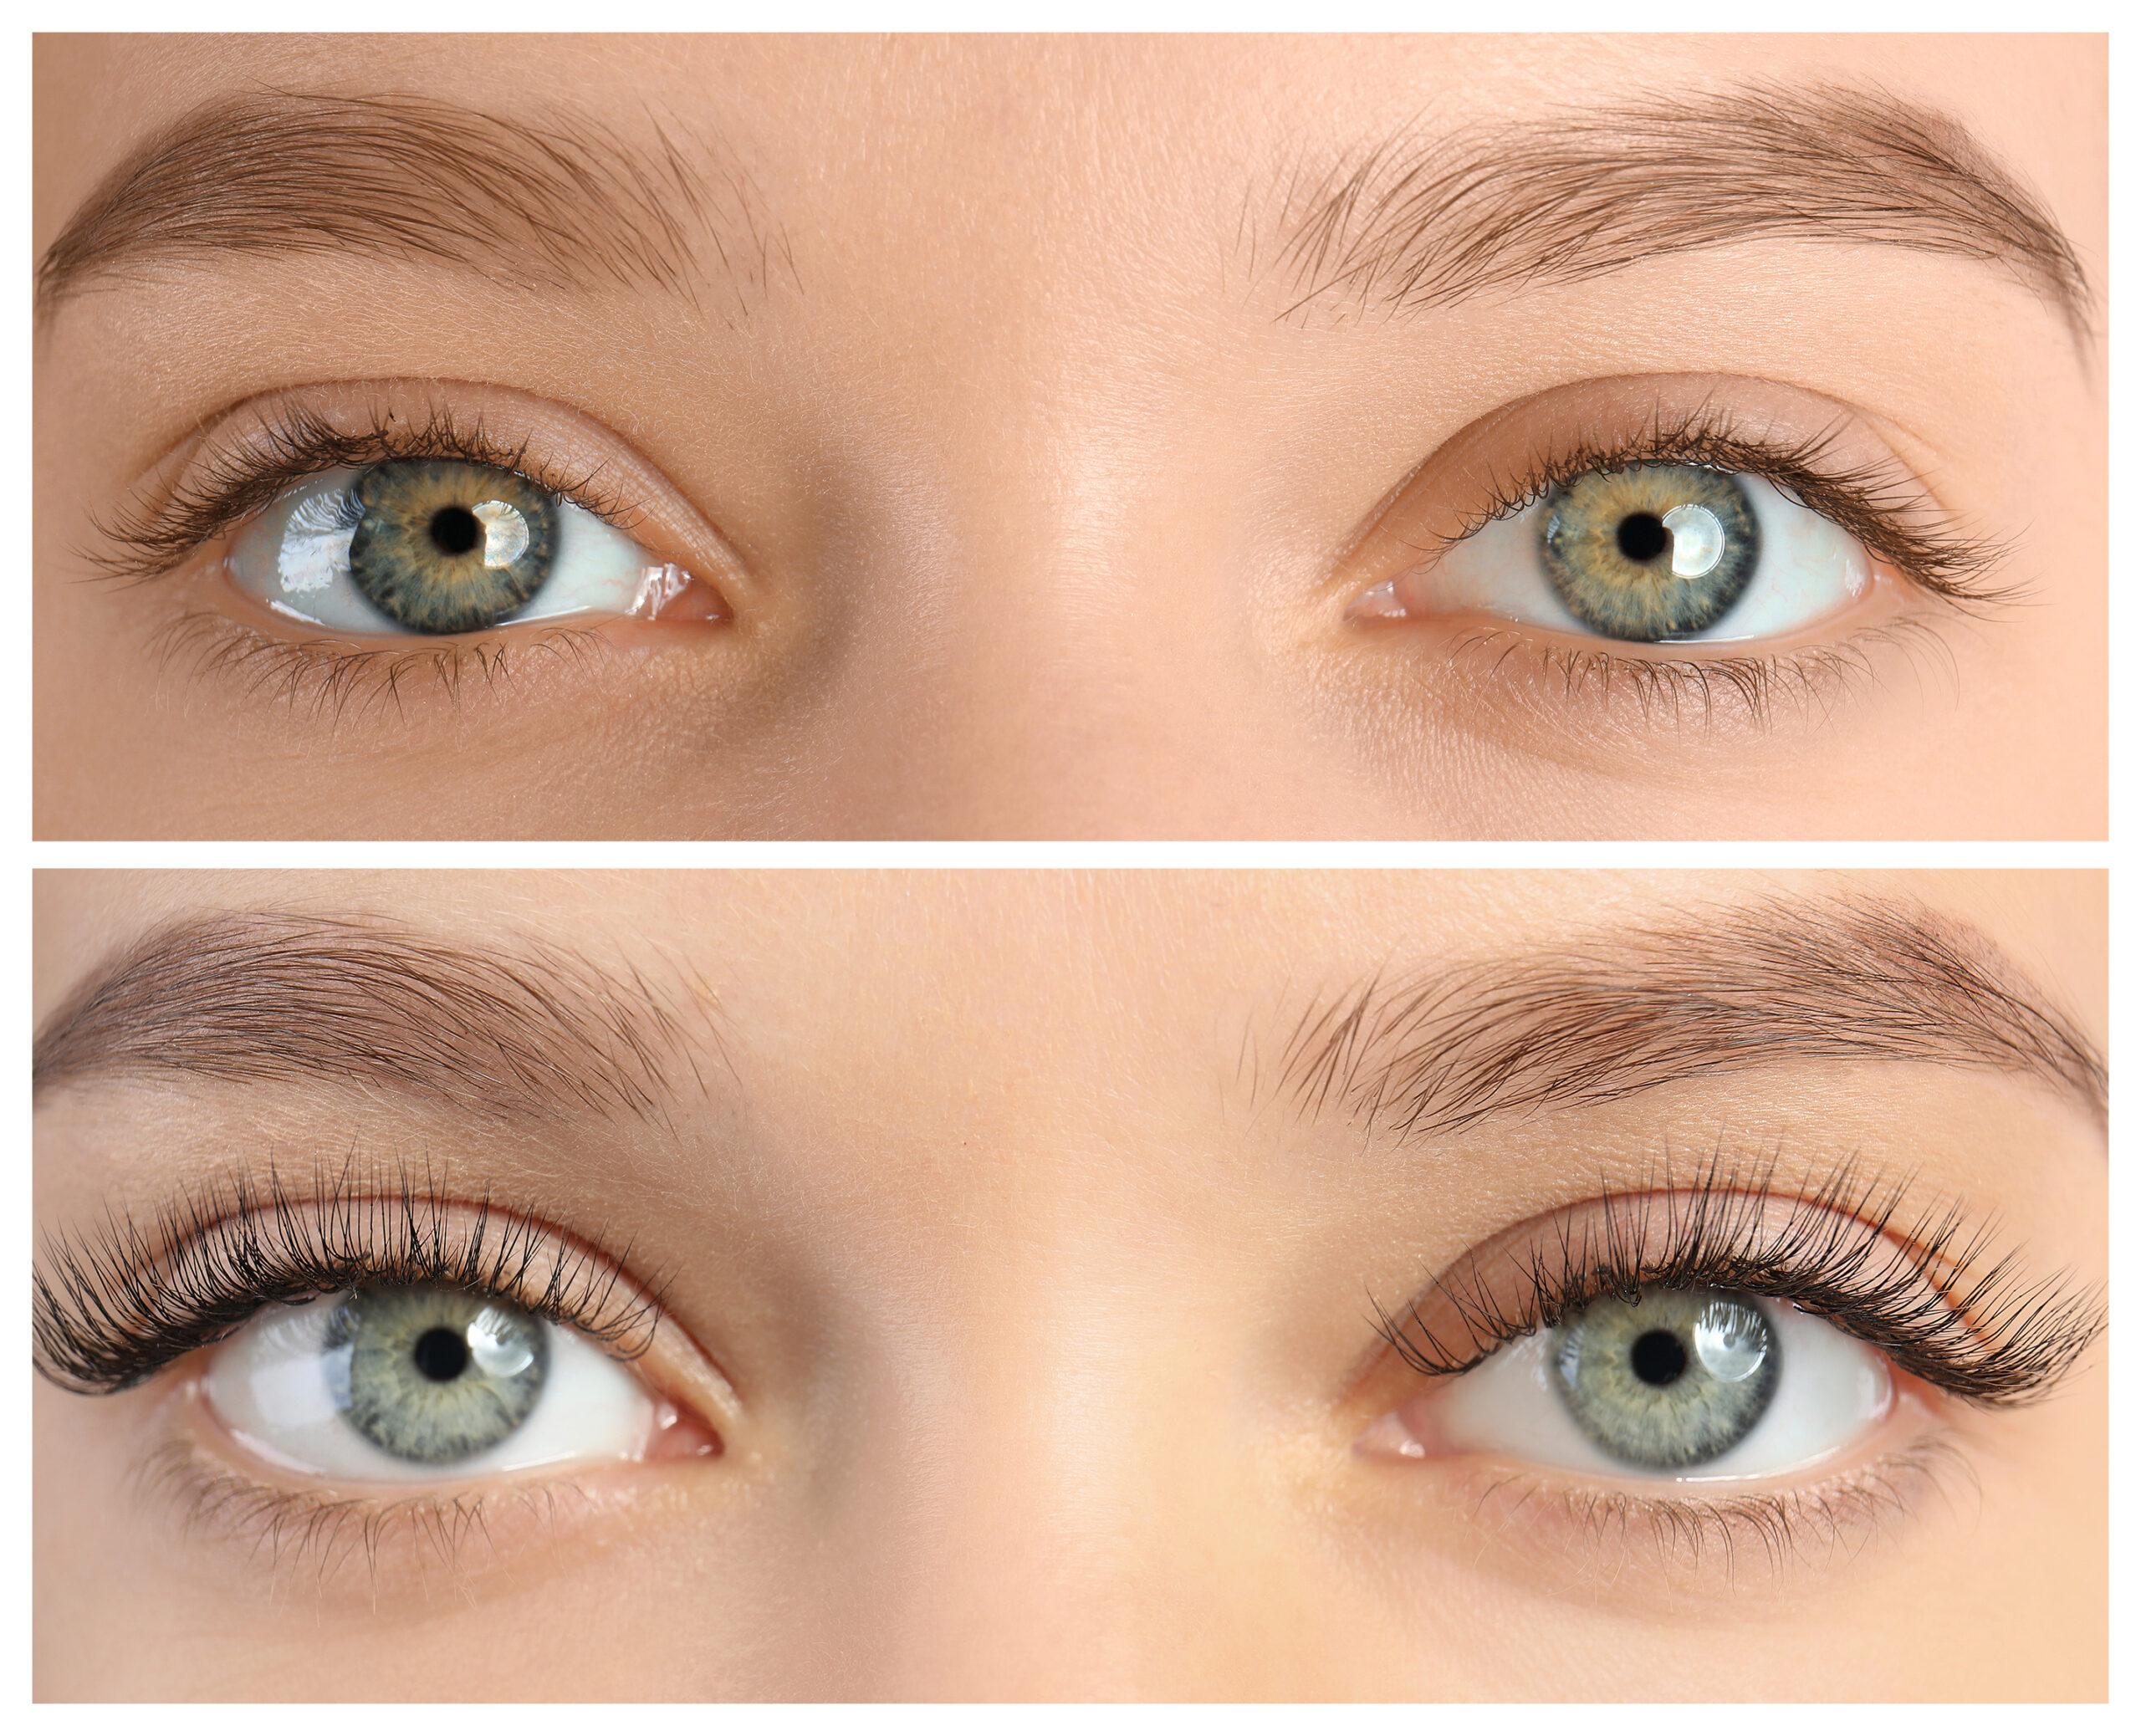 Eyelashes Latisse